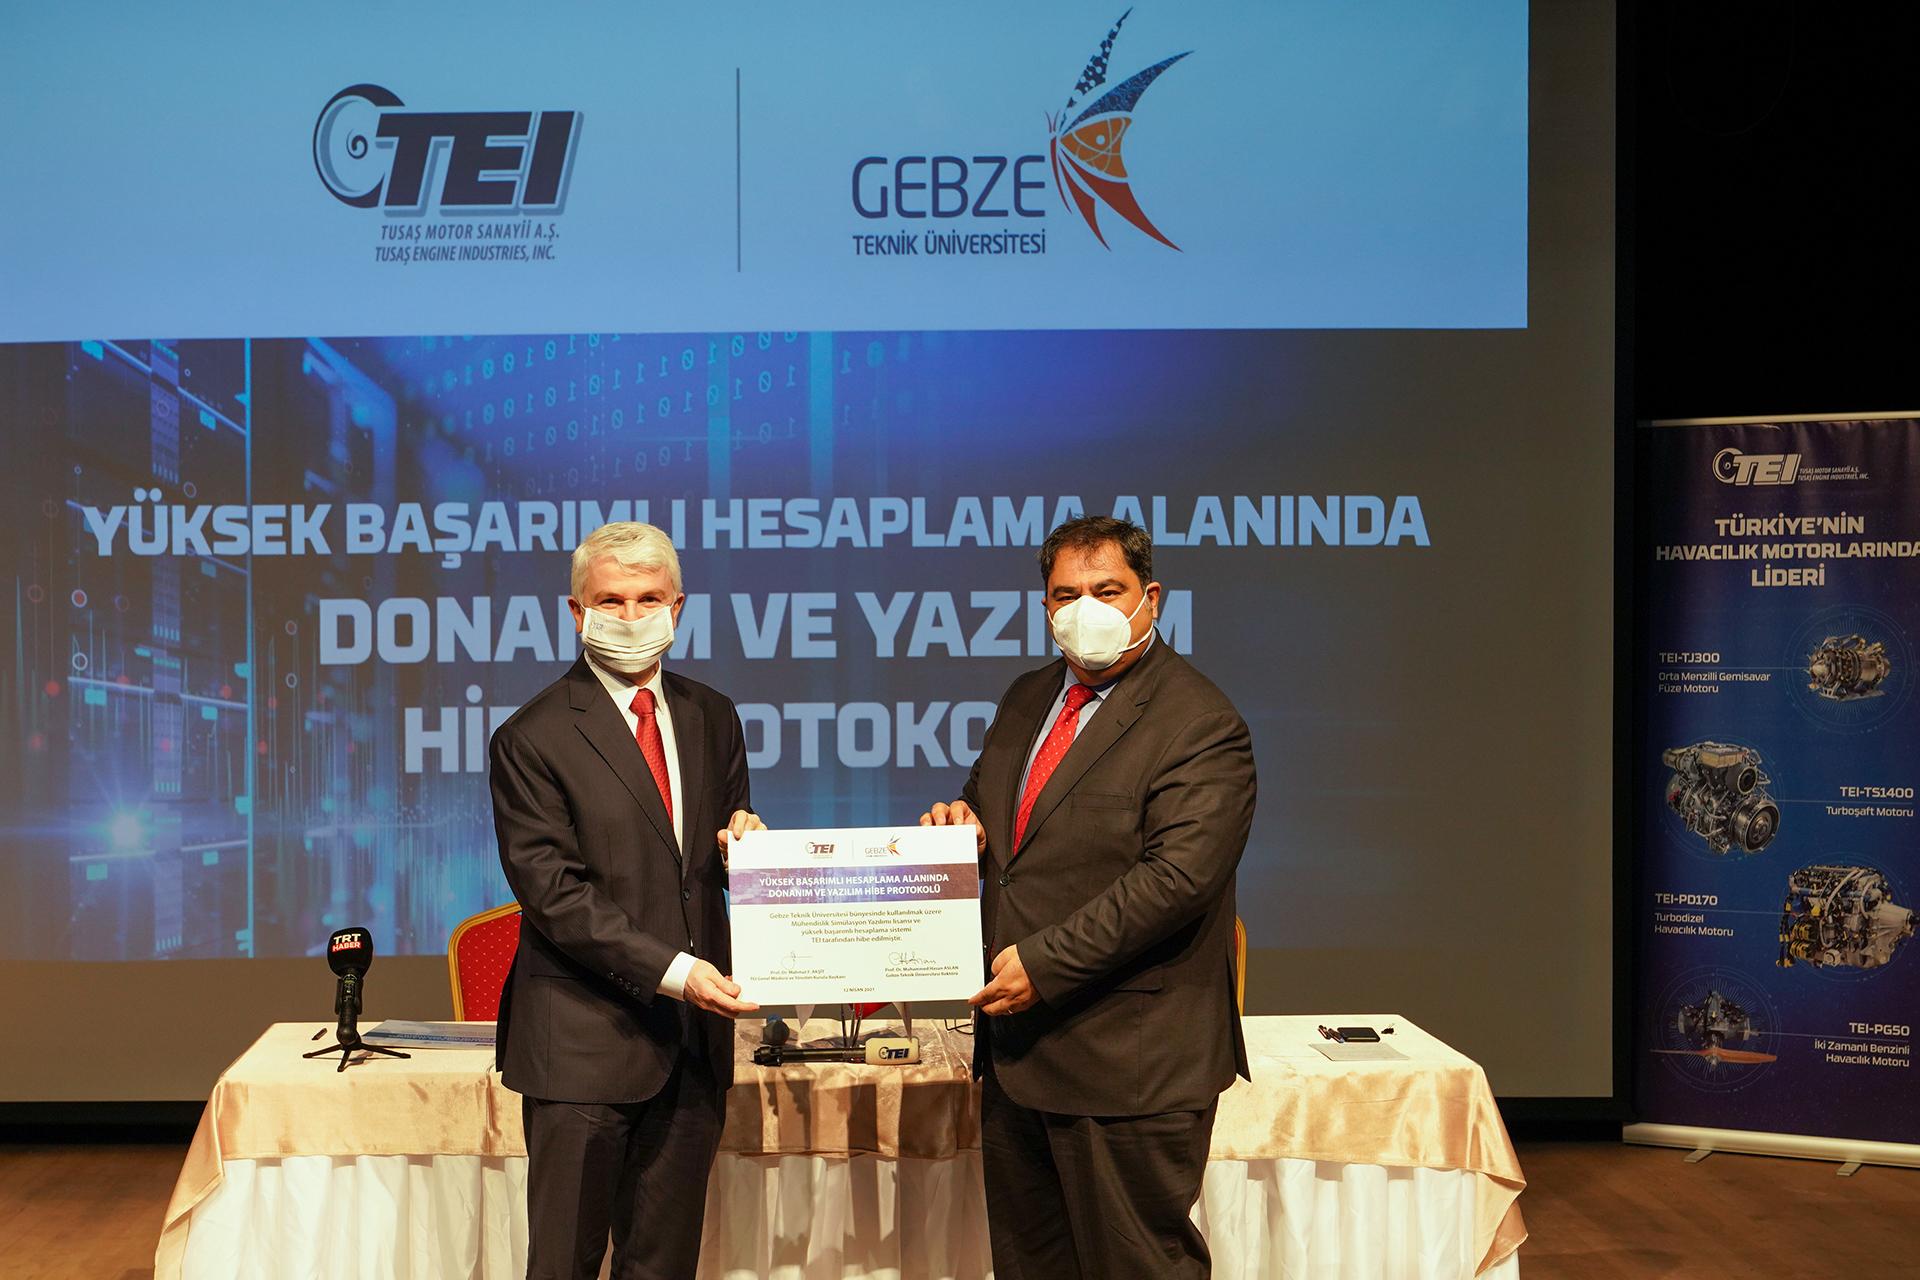 TEI'den GTÜ'ye Yüksek Başarımlı Laboratuvar